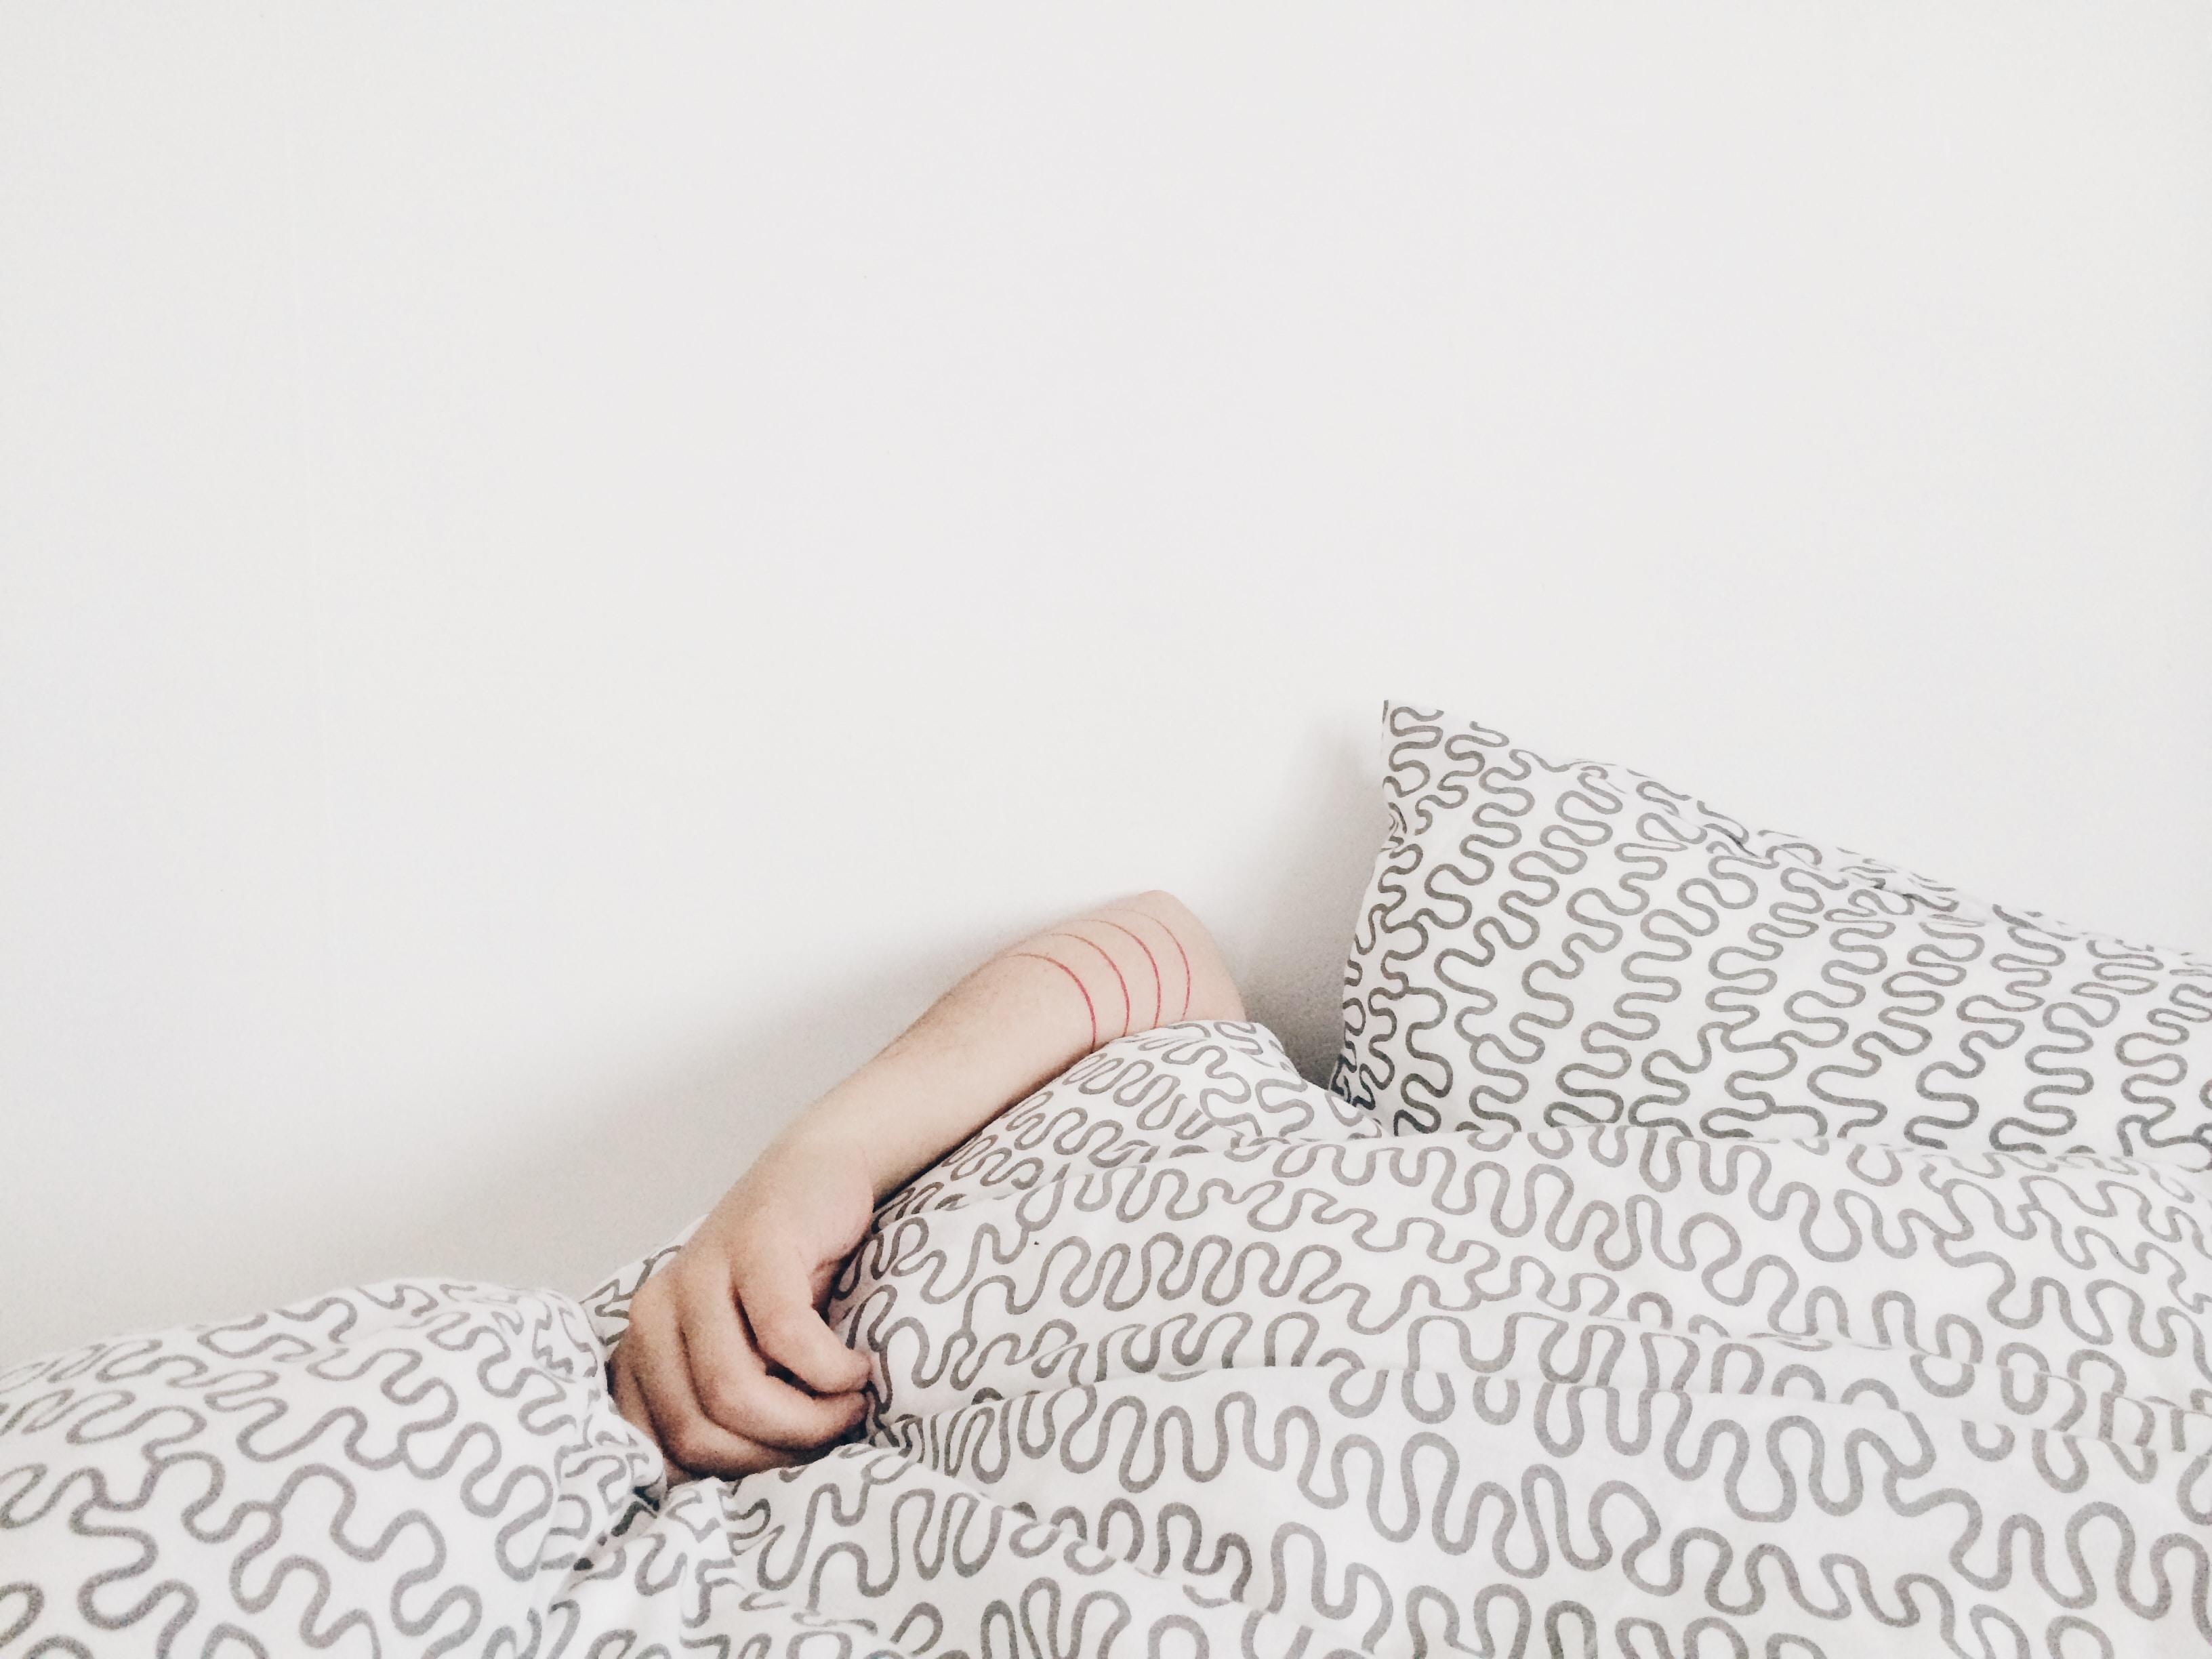 La pigrizia e come affrontarla